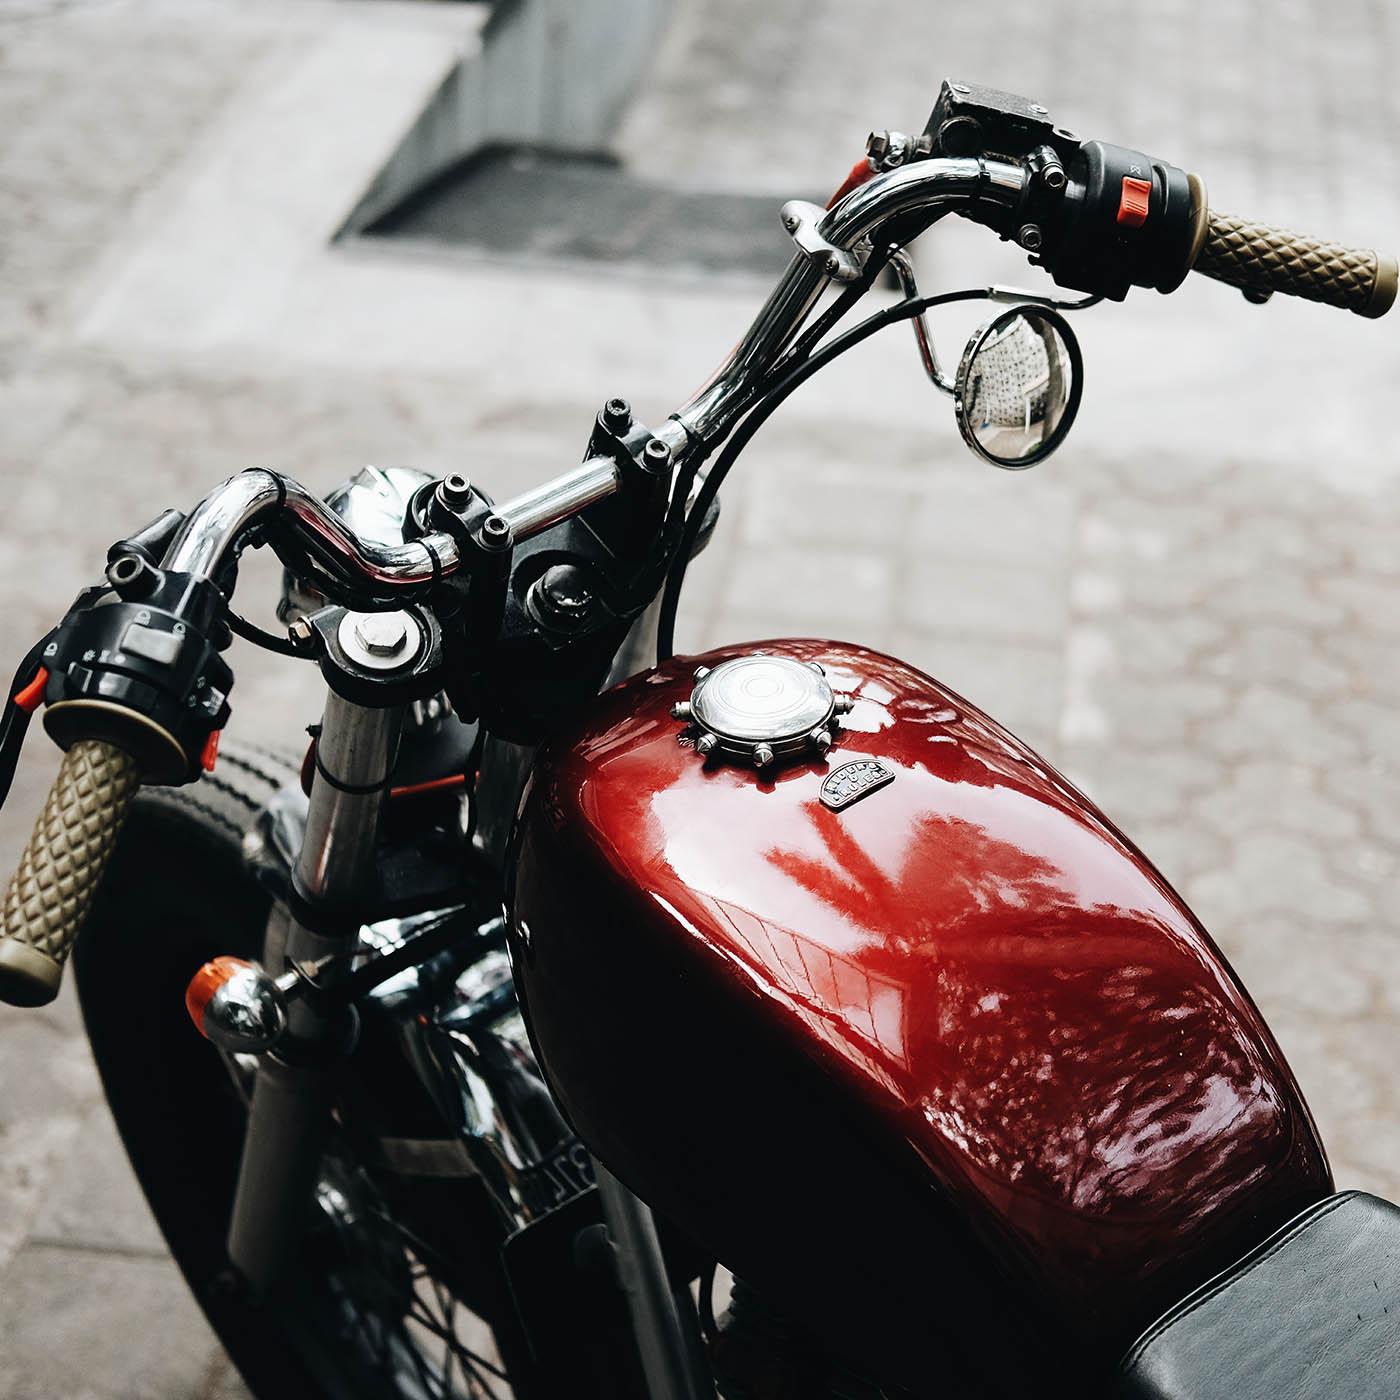 Harta, Takhta, Hayley - Yamaha Scorpio Bratstyle